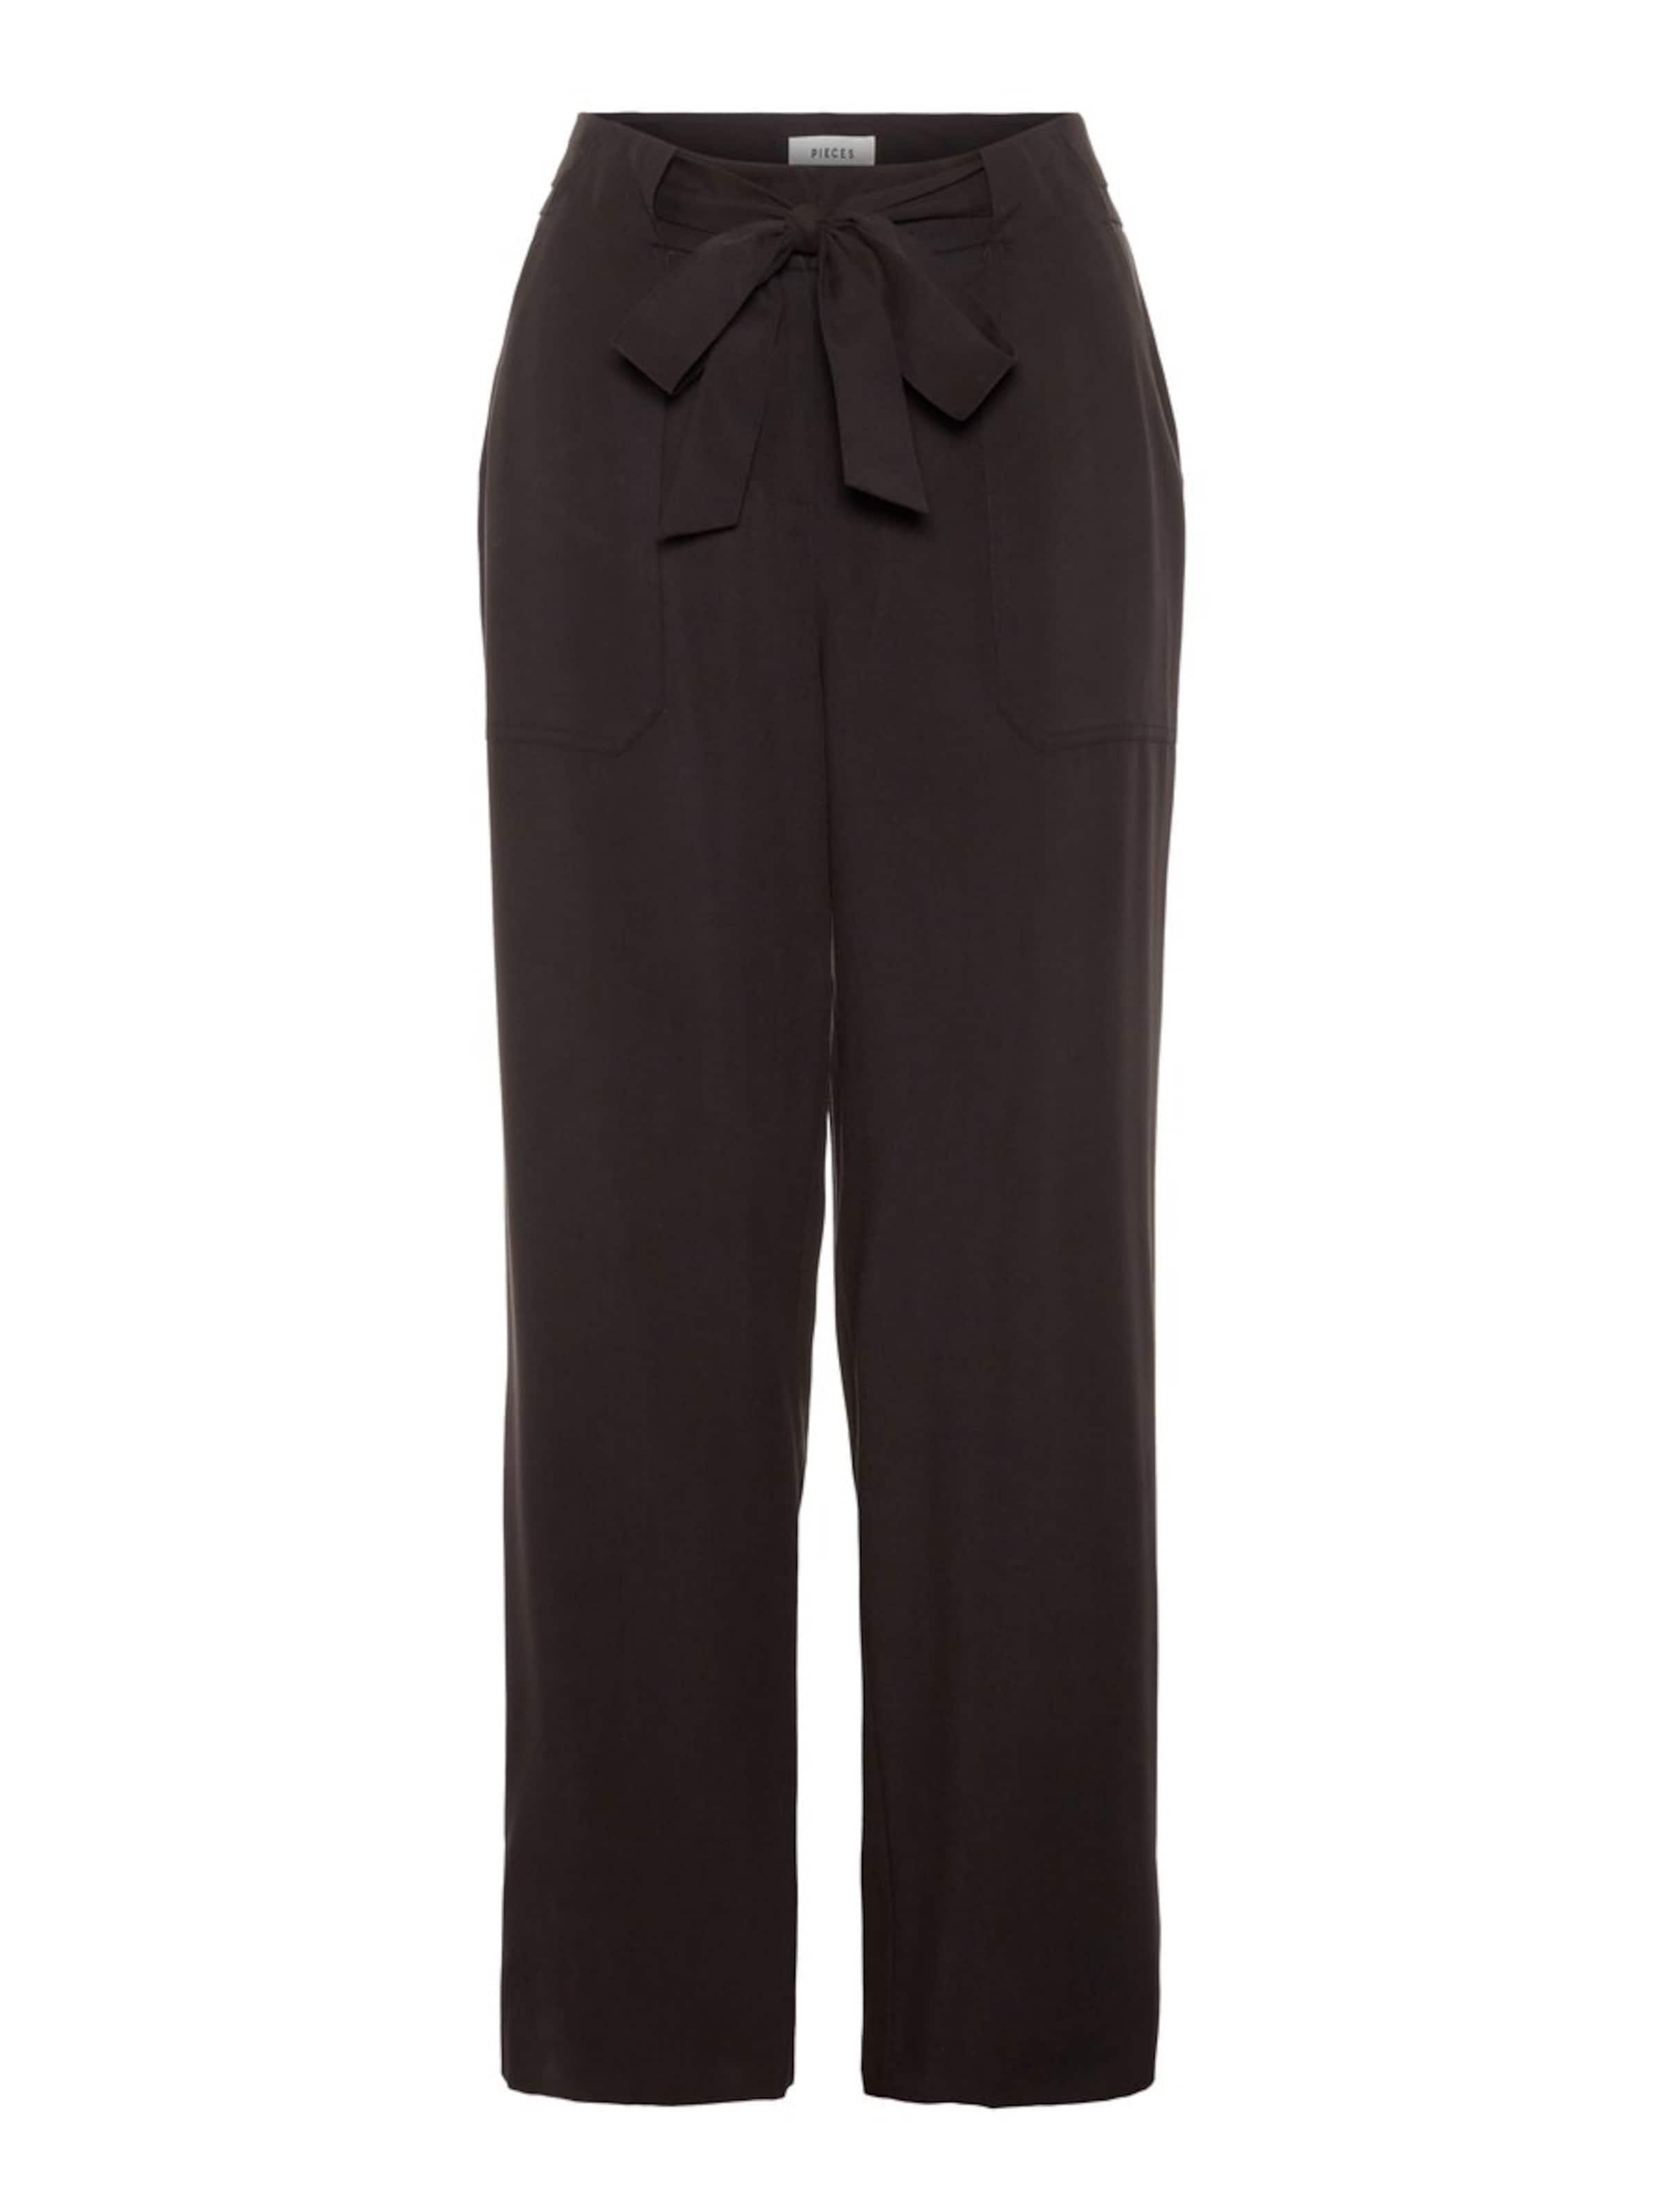 Noir En En Pieces Noir Pieces Pantalon Pantalon O8nPX0wk